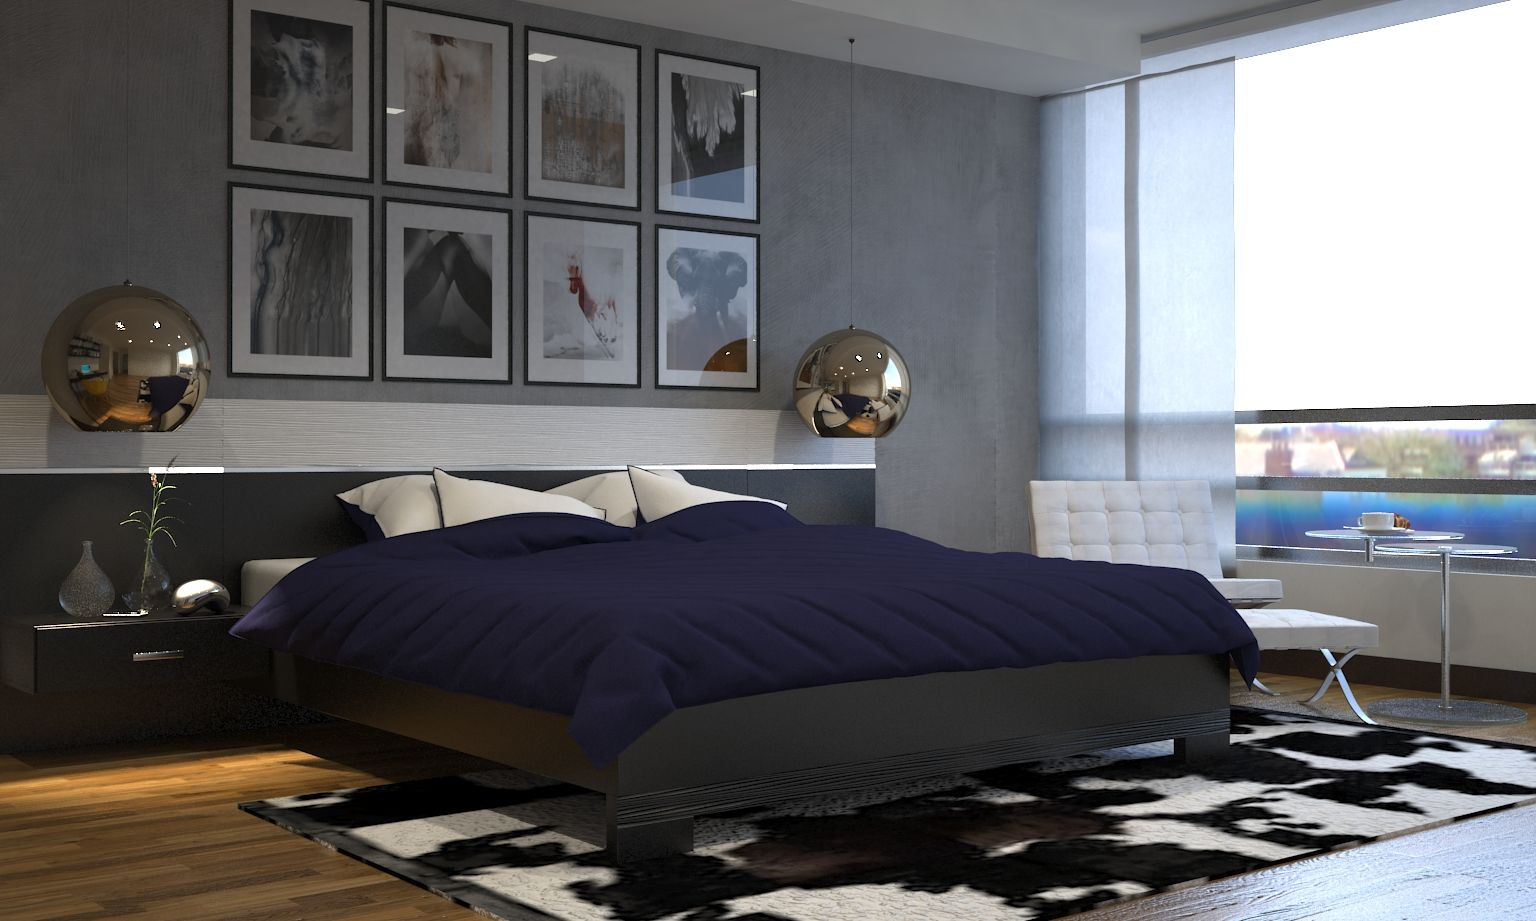 Dise o y decoraci n dormitorio principal moderno for Decoracion habitaciones principales